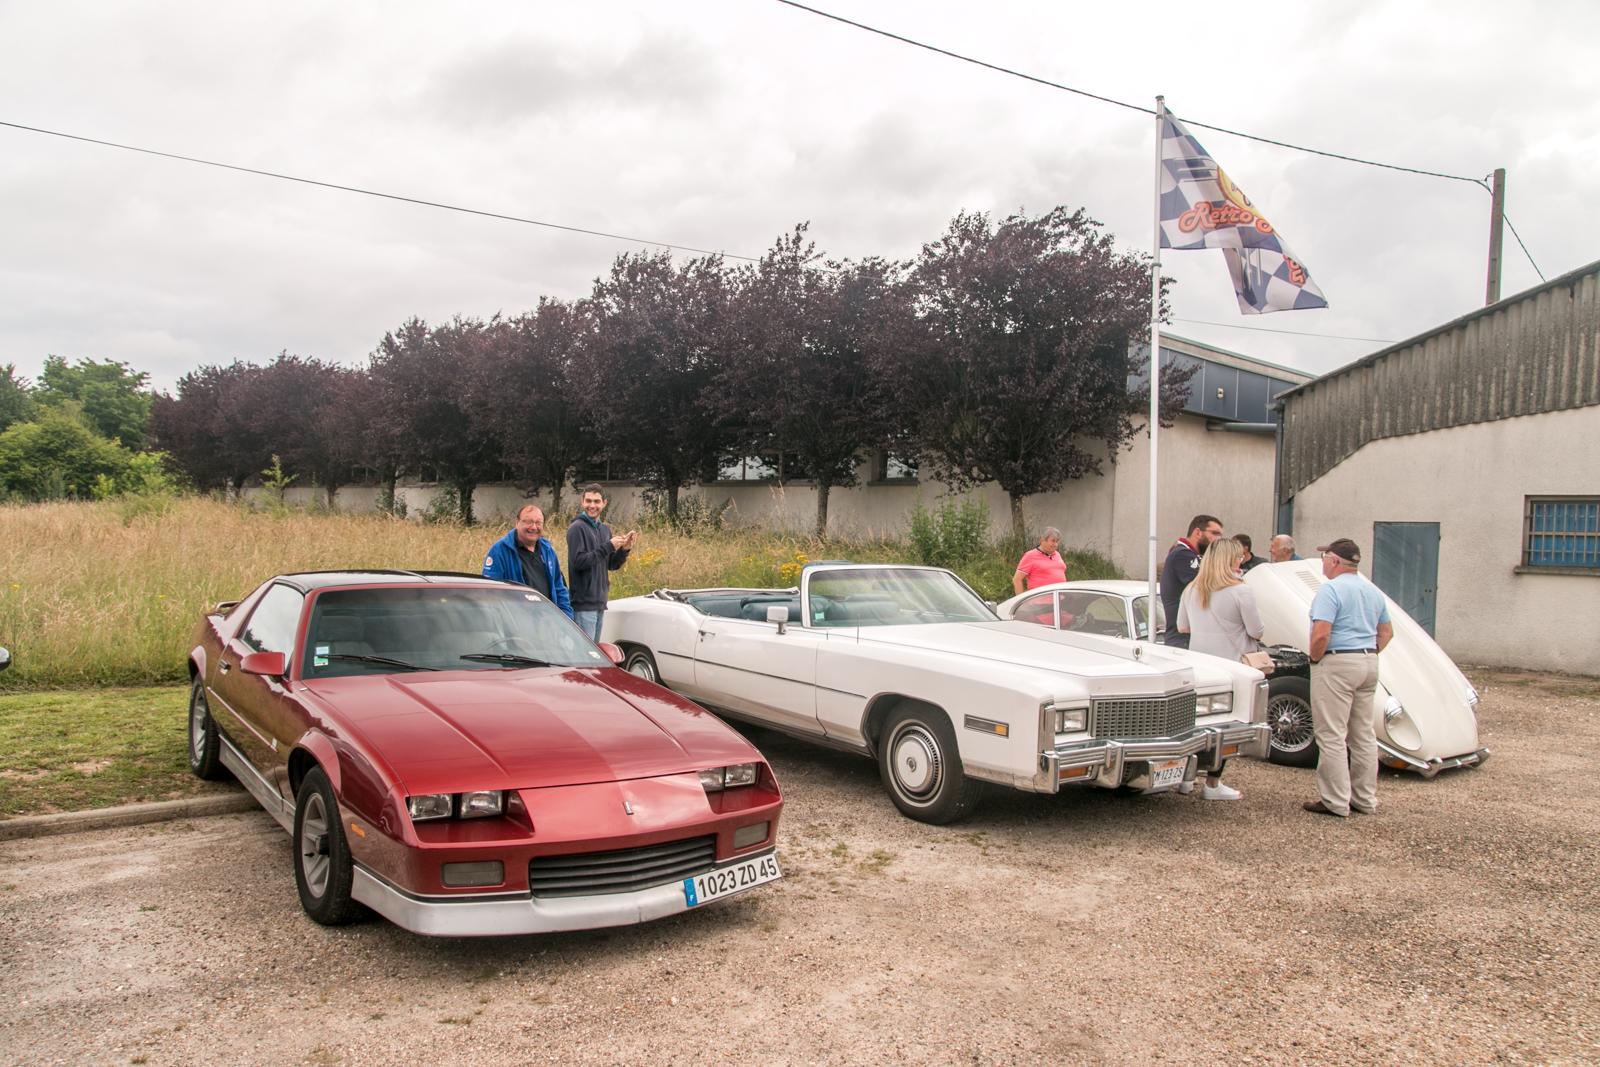 Chevrolet Camaro & Cadillac Eldorado